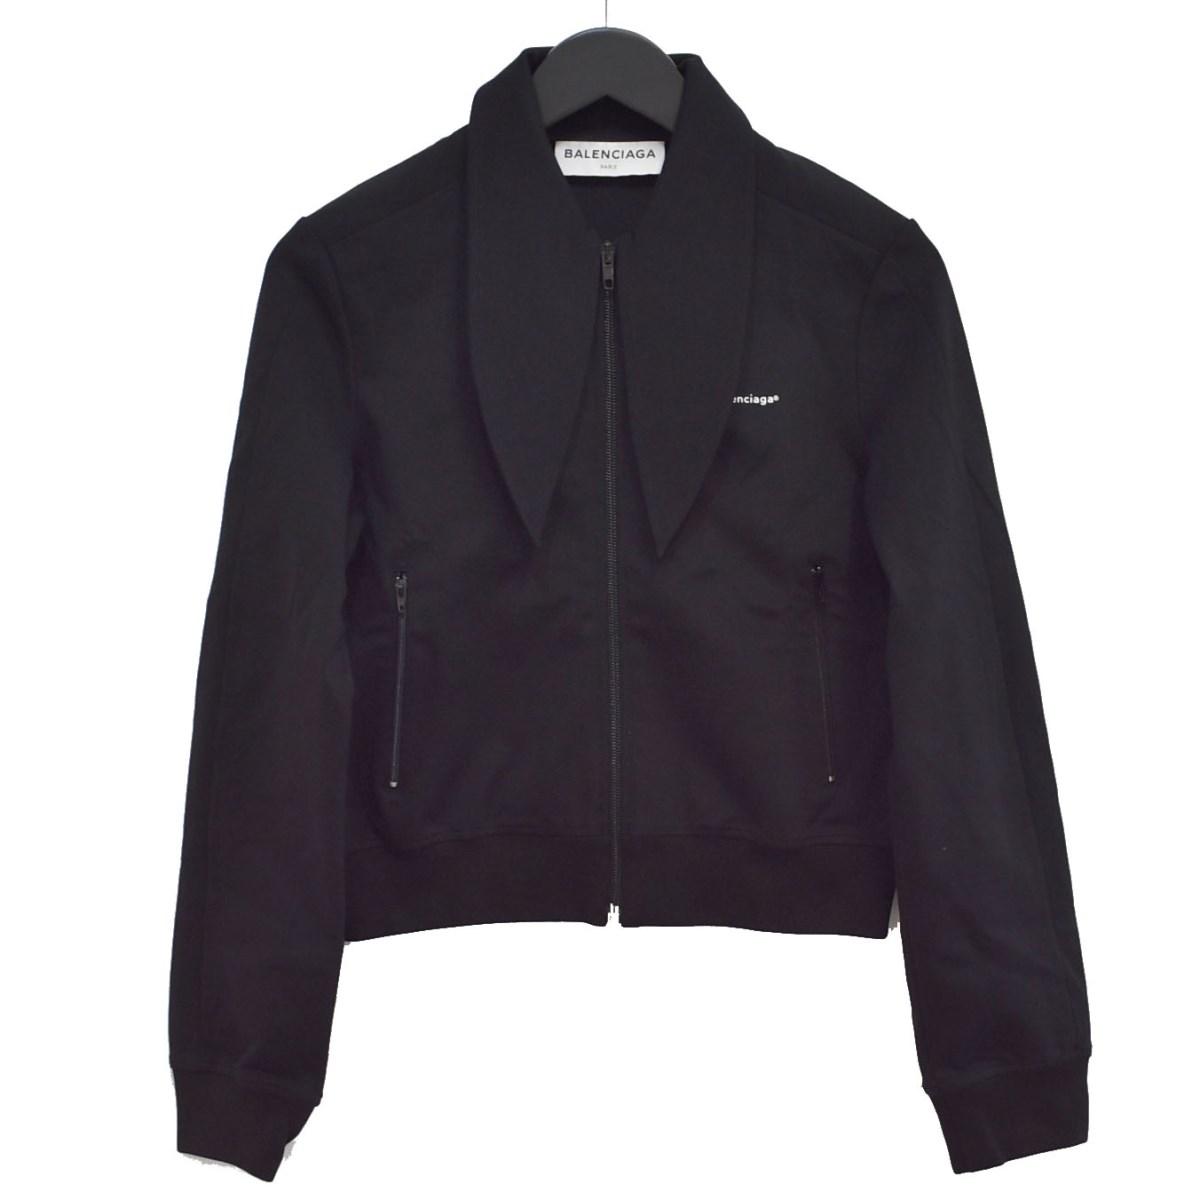 【中古】BALENCIAGA 17AW スカーフカラー トラックジャケット ブラック サイズ:40 【180920】(バレンシアガ)